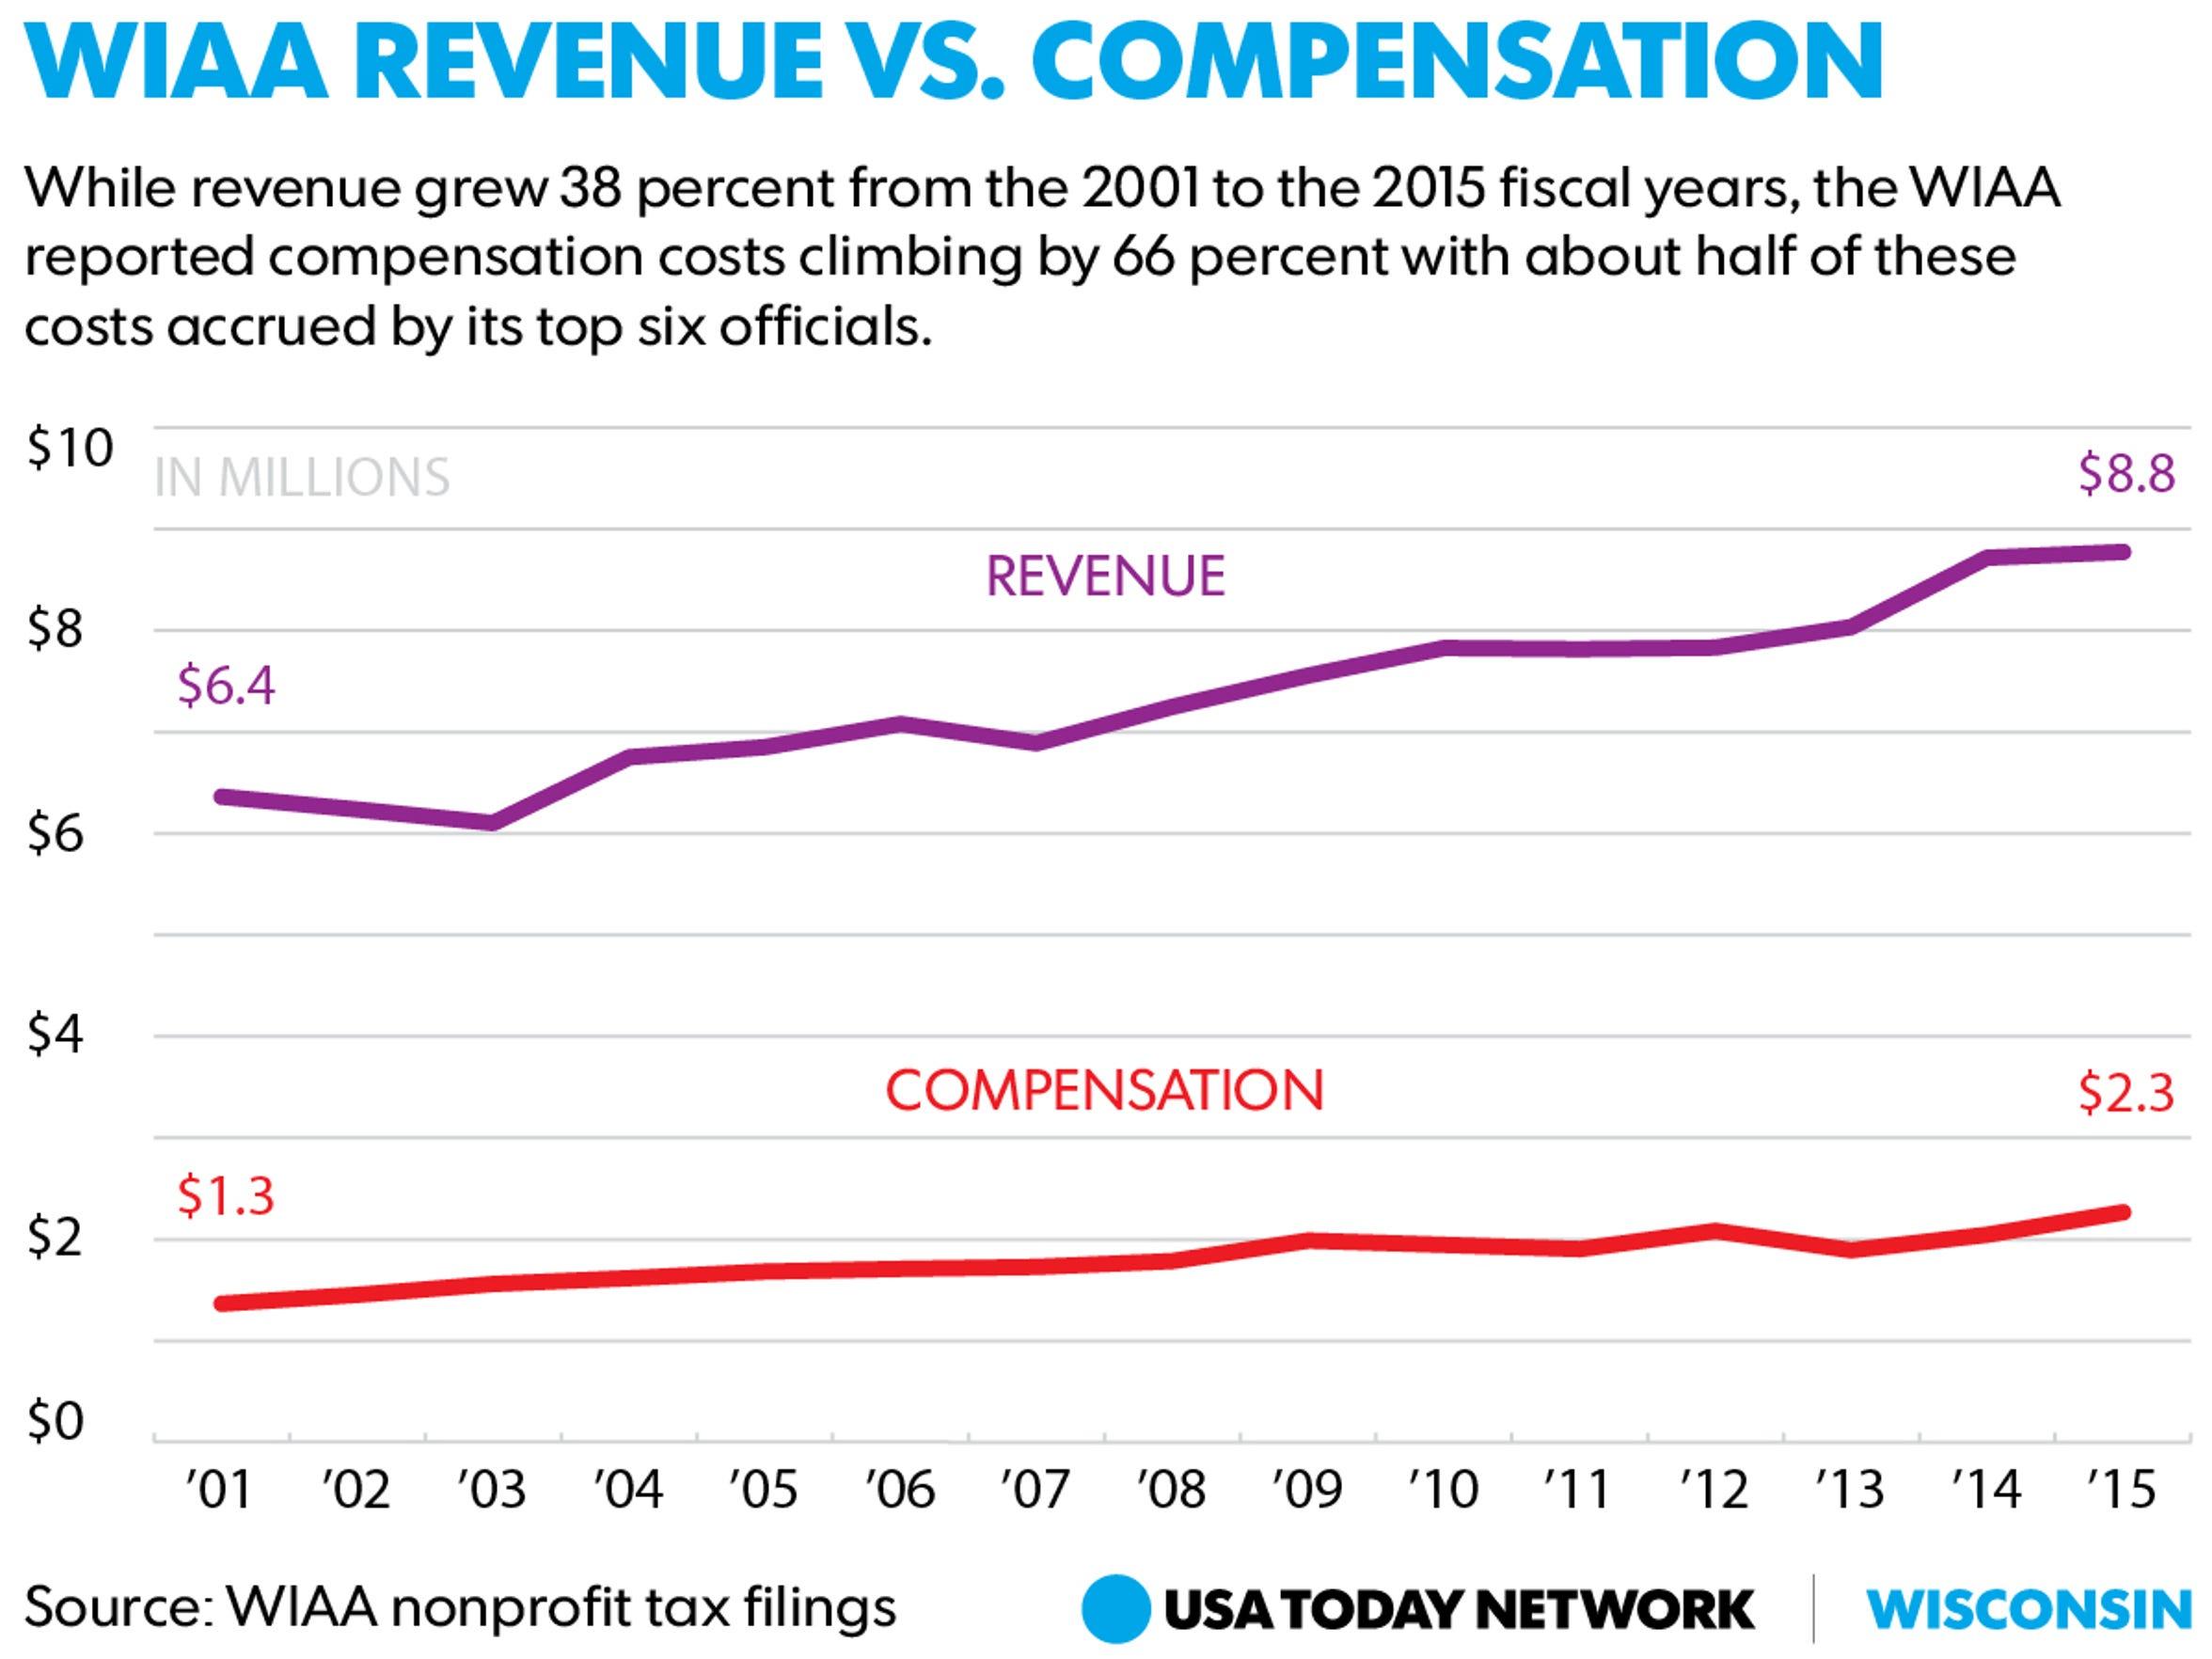 Graphic comparison WIAA revenue and compensation